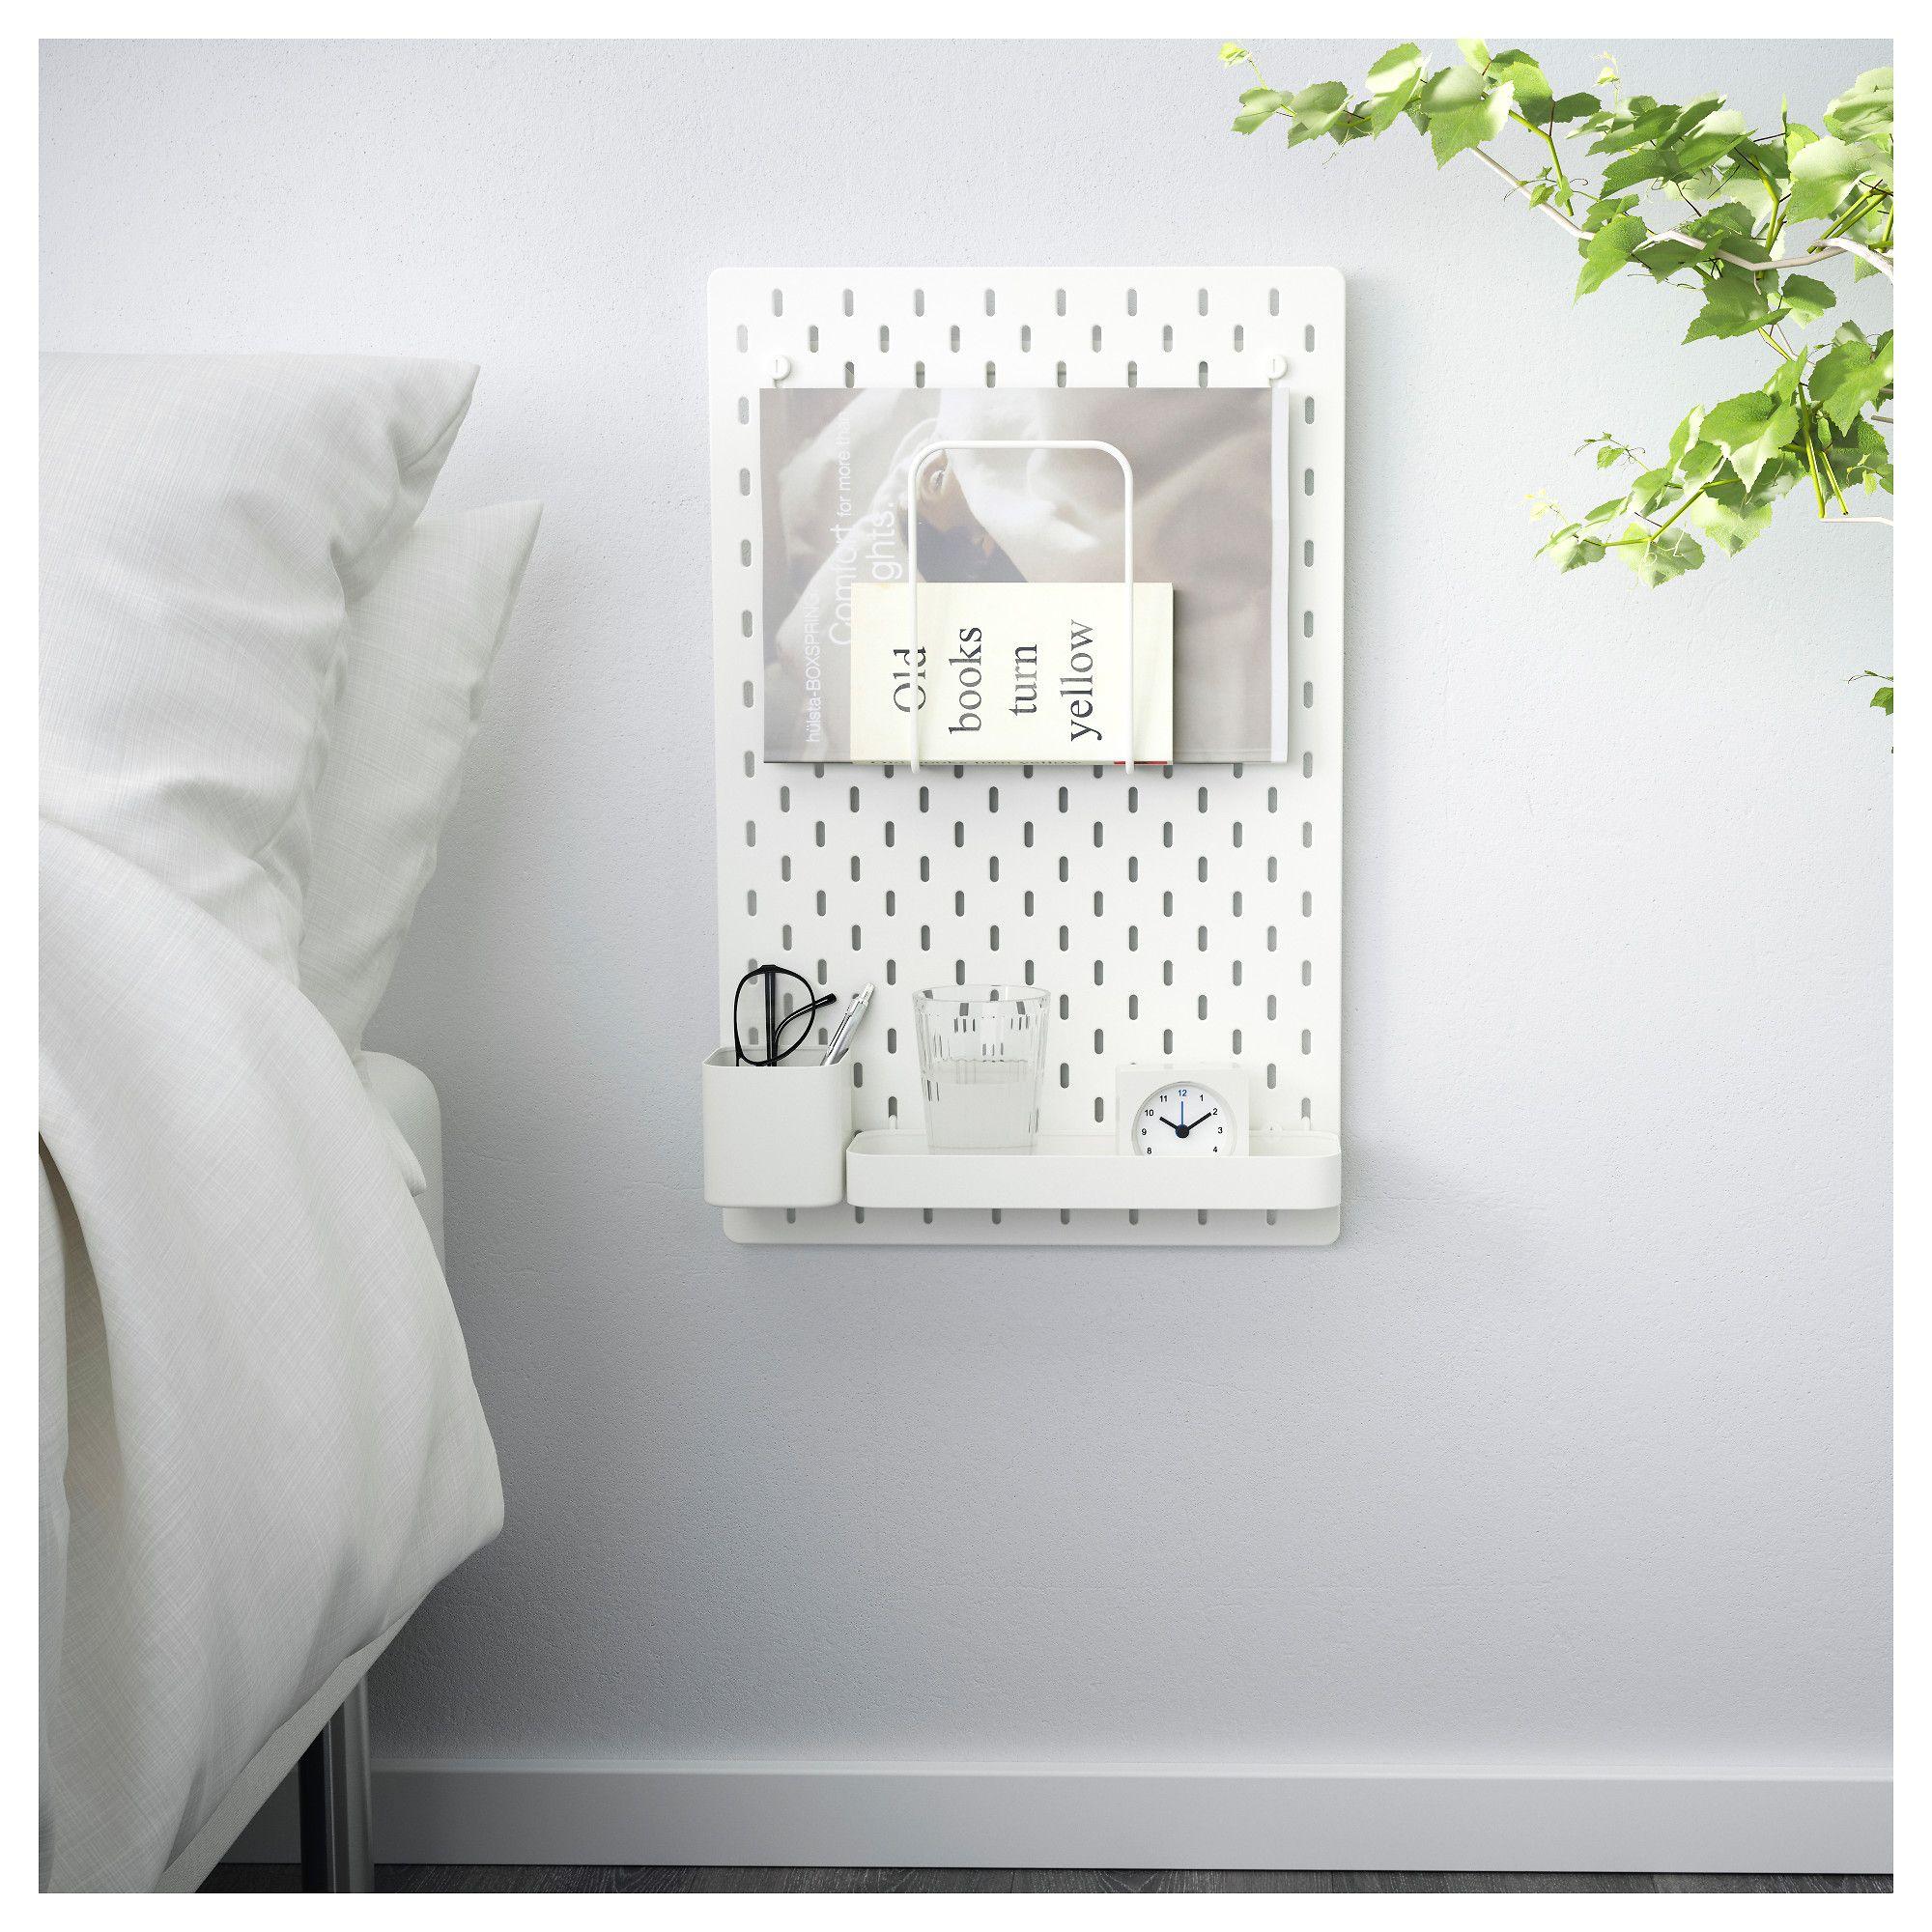 sk dis panneau perfor combinaison blanc objets cool pinterest panneau perfor. Black Bedroom Furniture Sets. Home Design Ideas